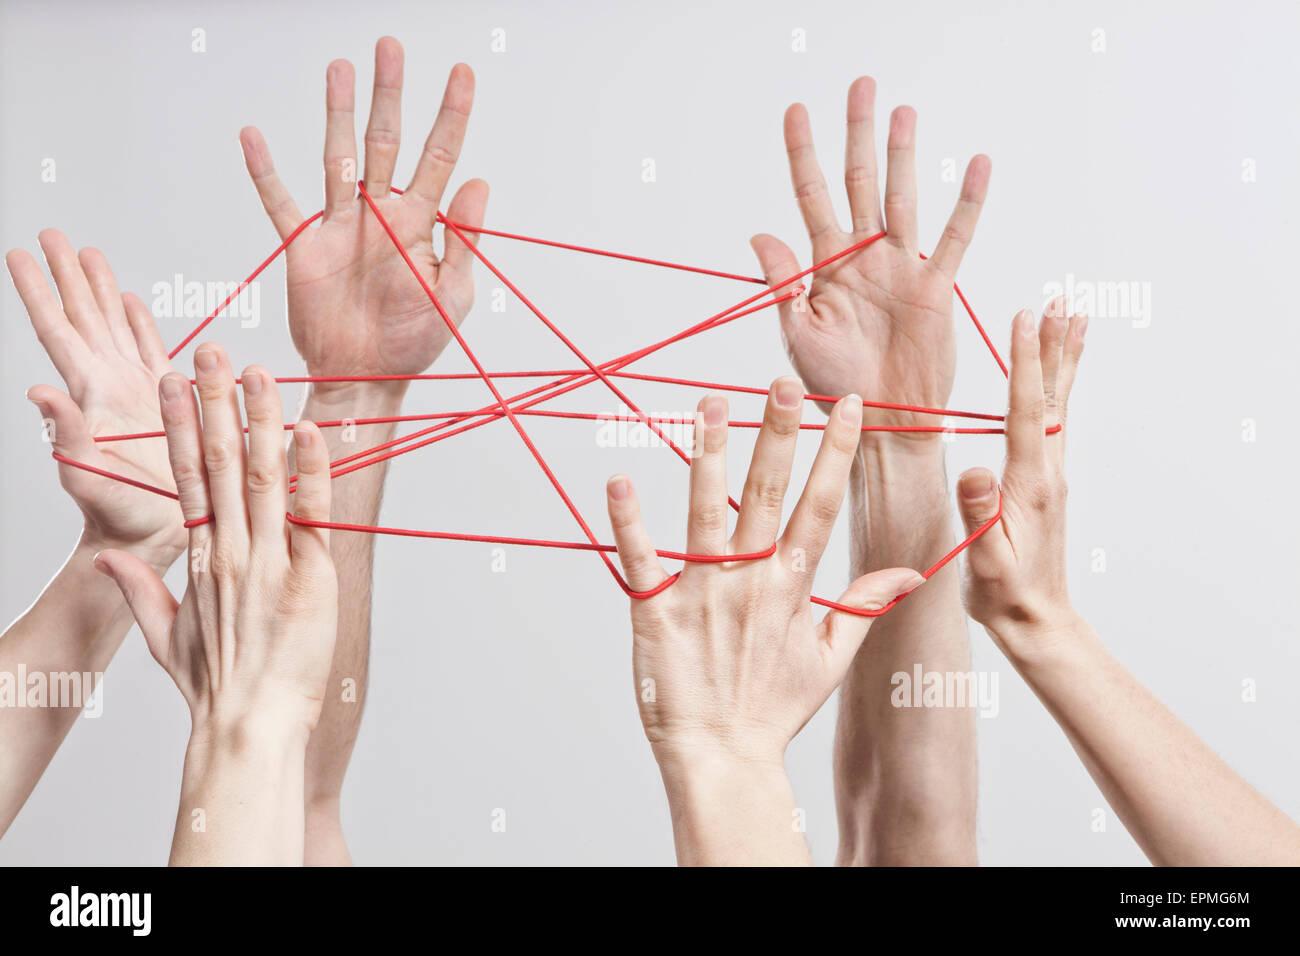 Conexión, equipo, trabajo en equipo, Relación, manos, Cat's cradle Imagen De Stock